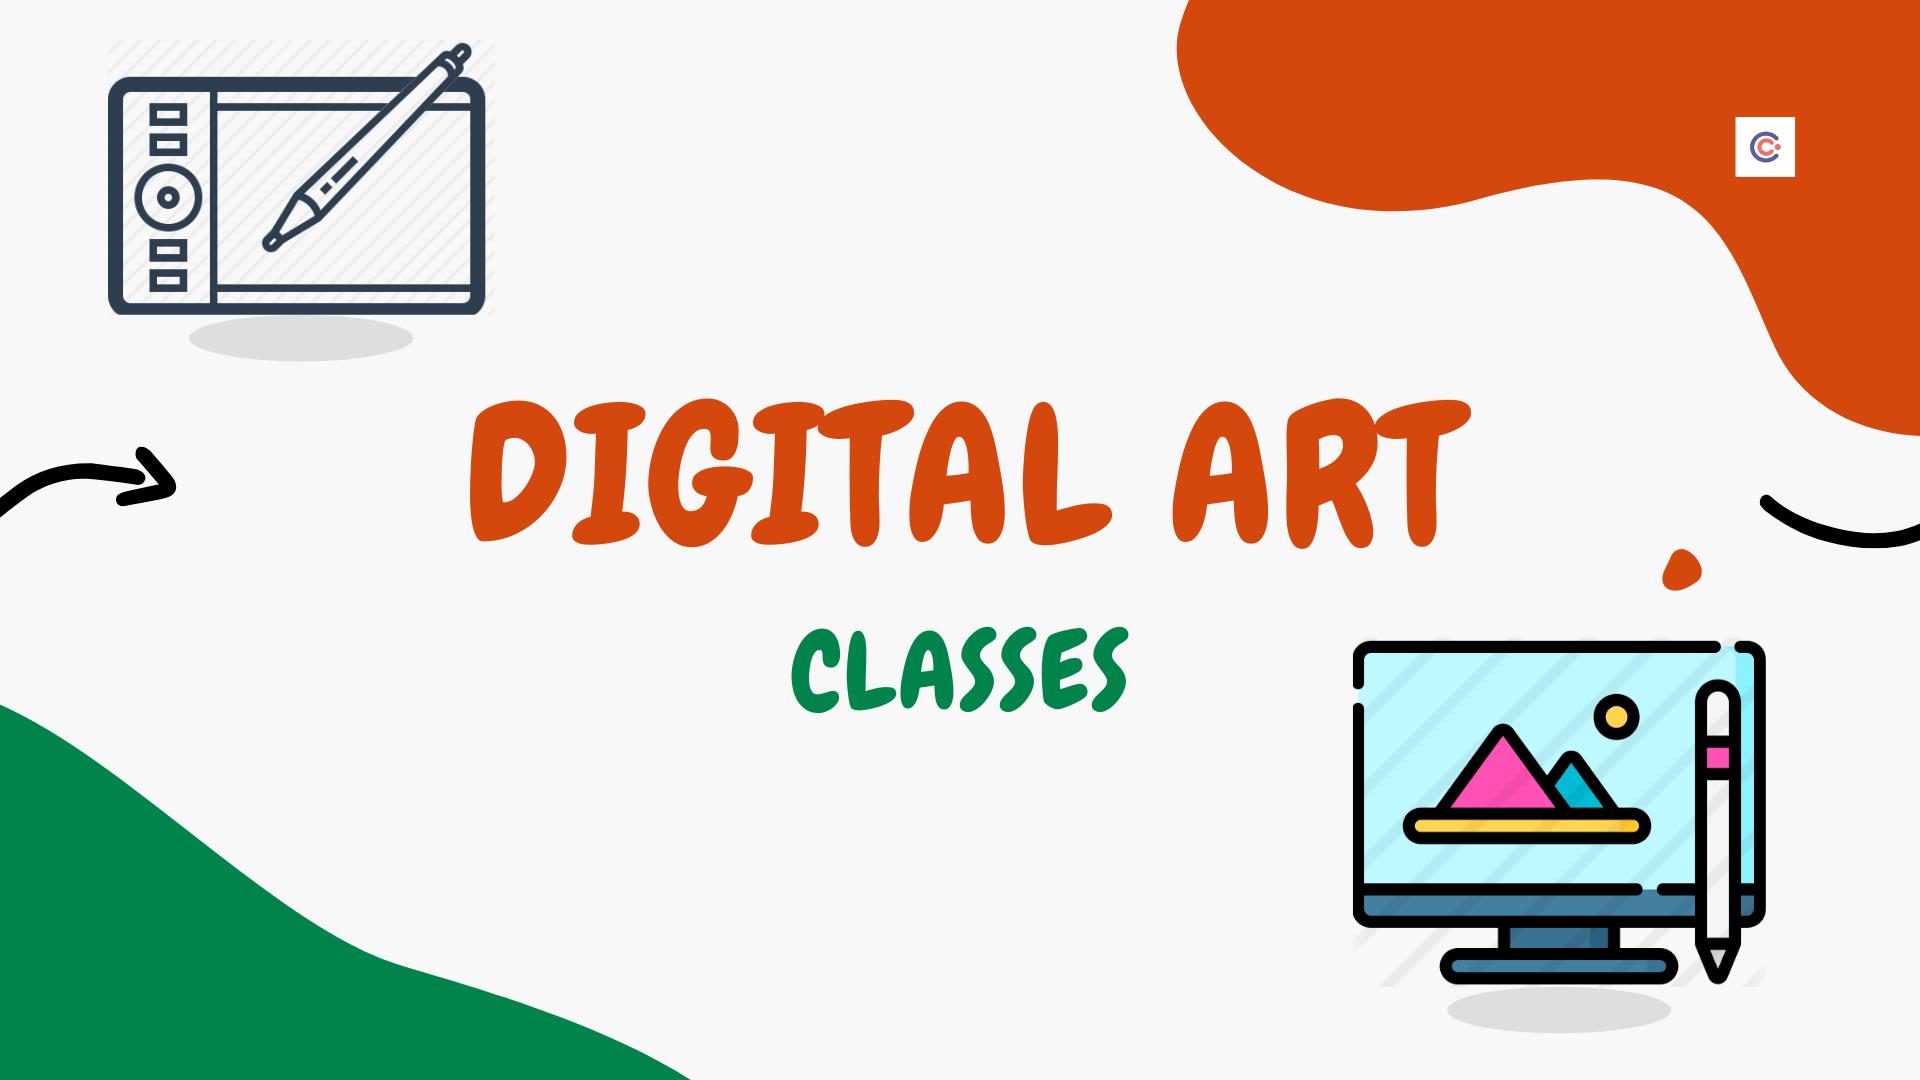 5 Best Digital Art Classes - Learn Digital Art Online